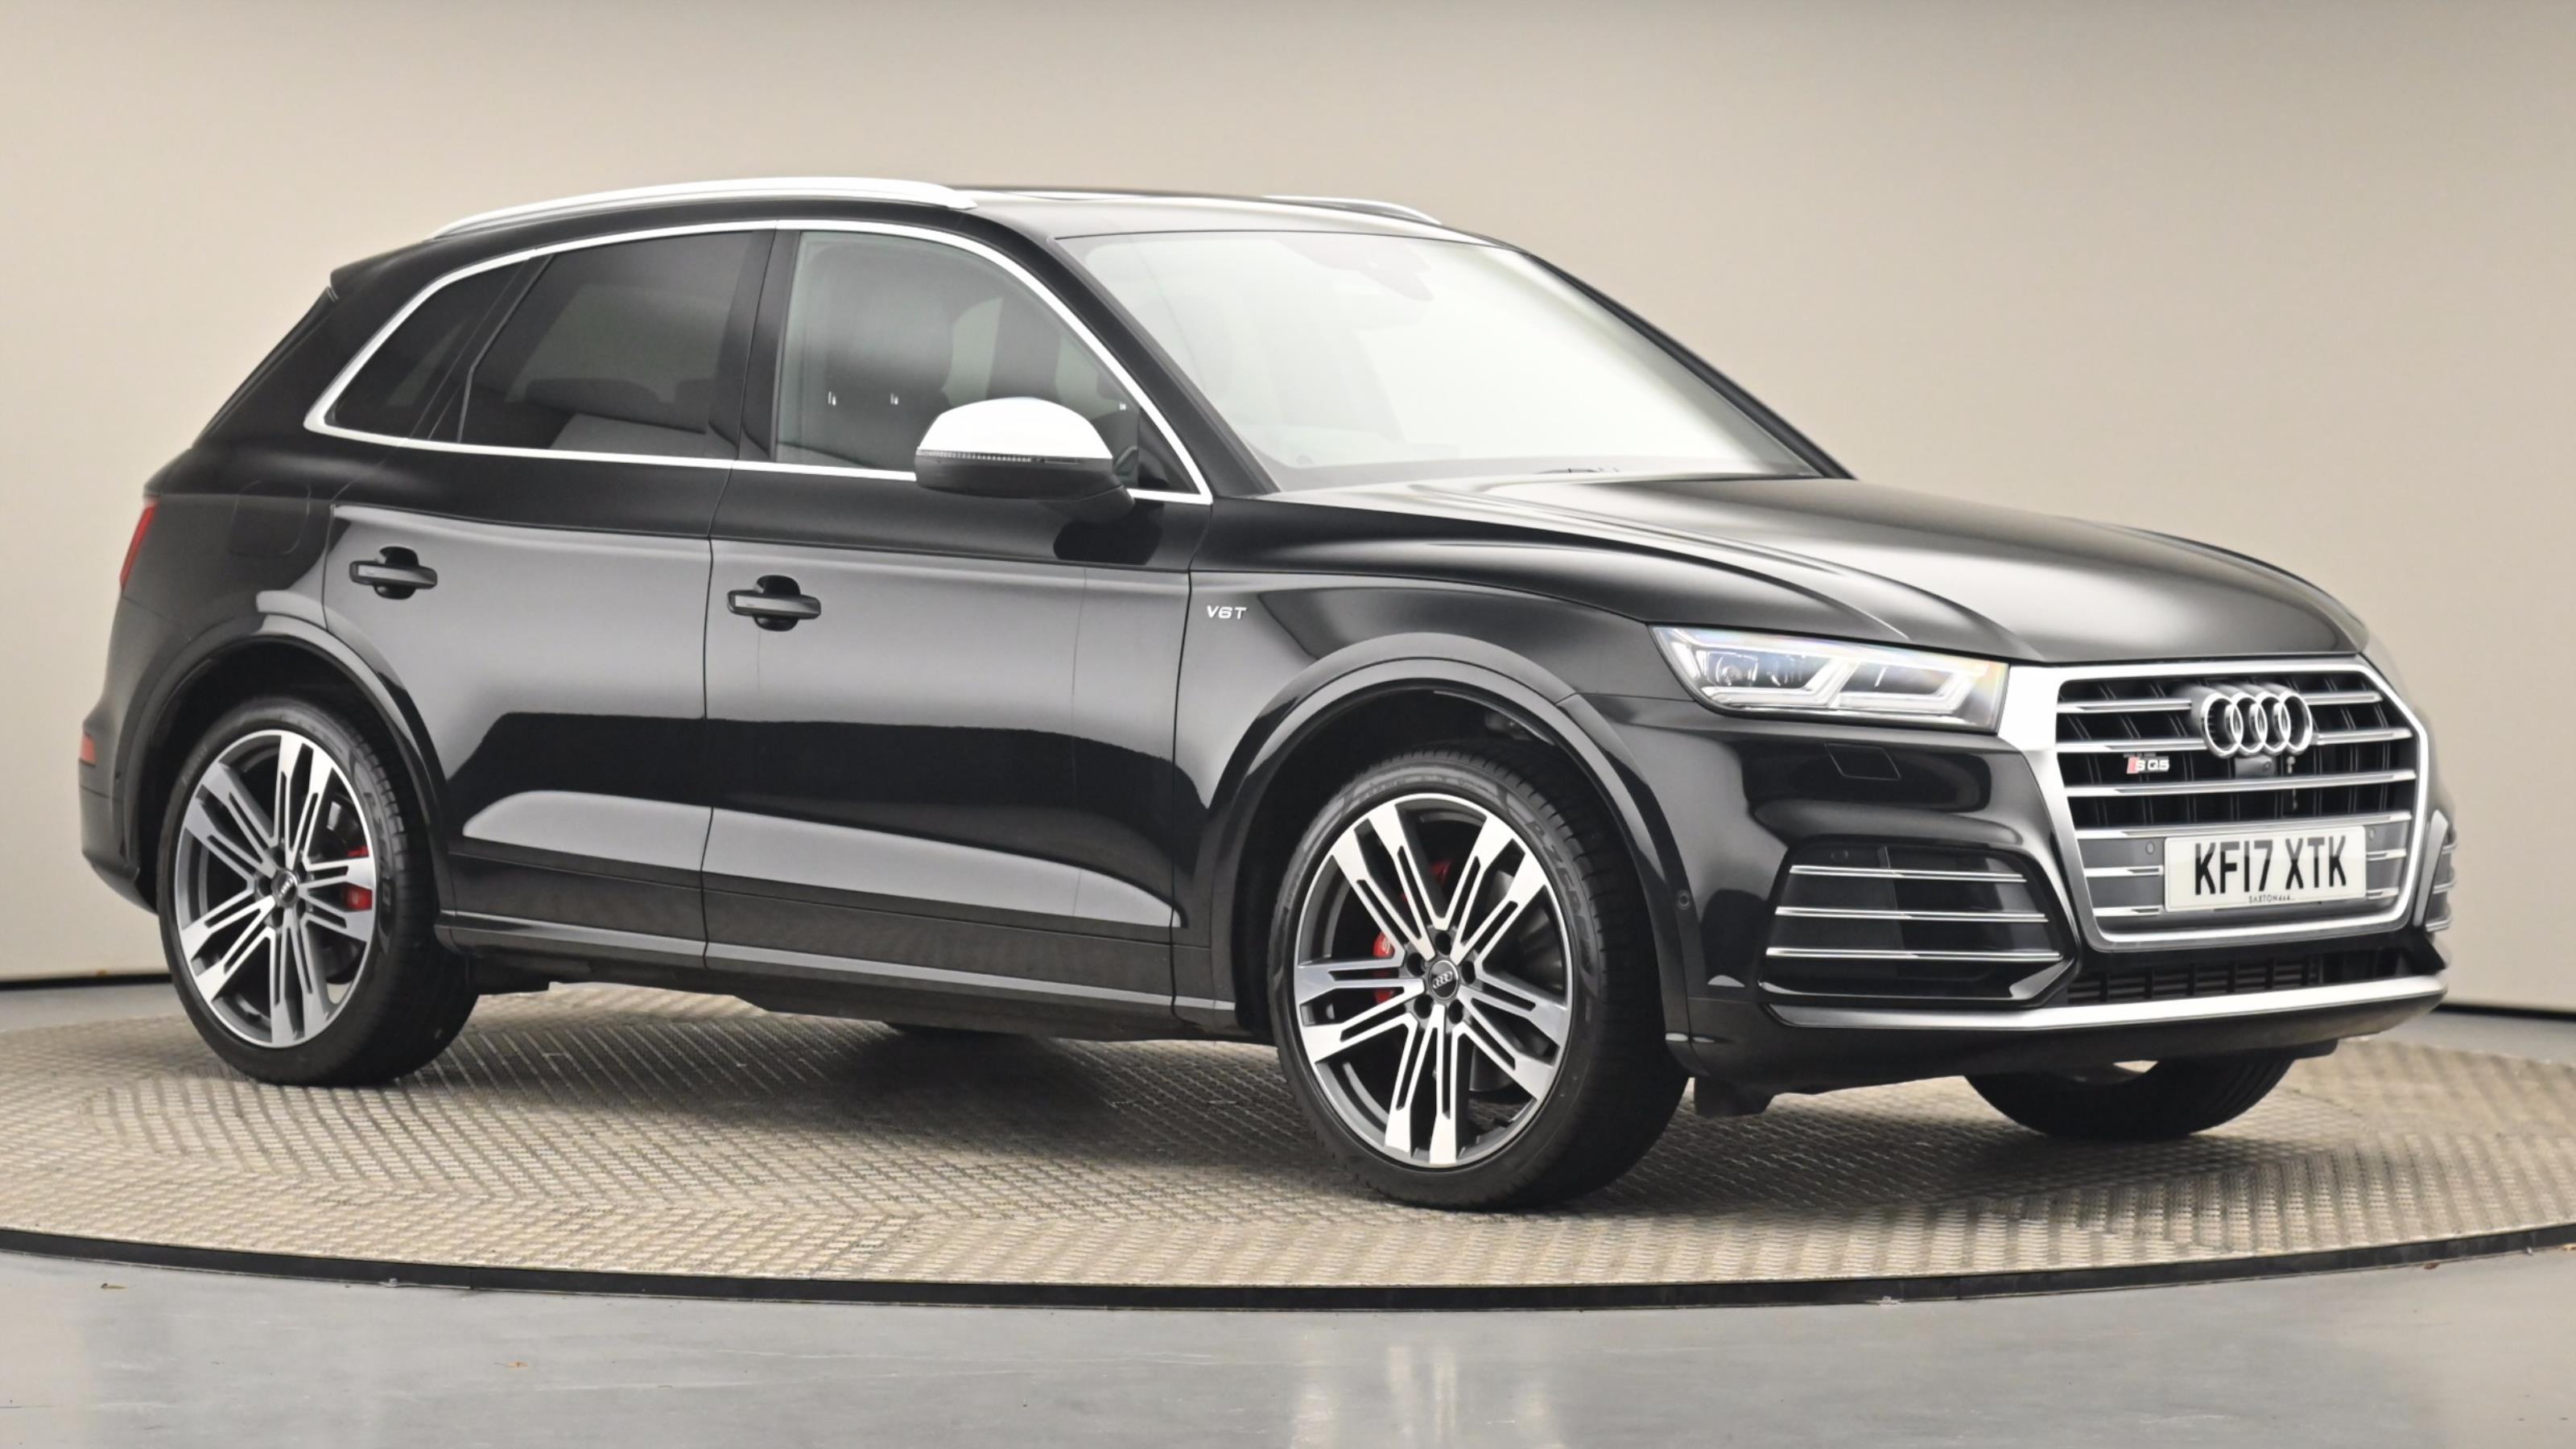 Used 2017 Audi Q5 SQ5 Quattro 5dr Tip Auto BLACK at Saxton4x4